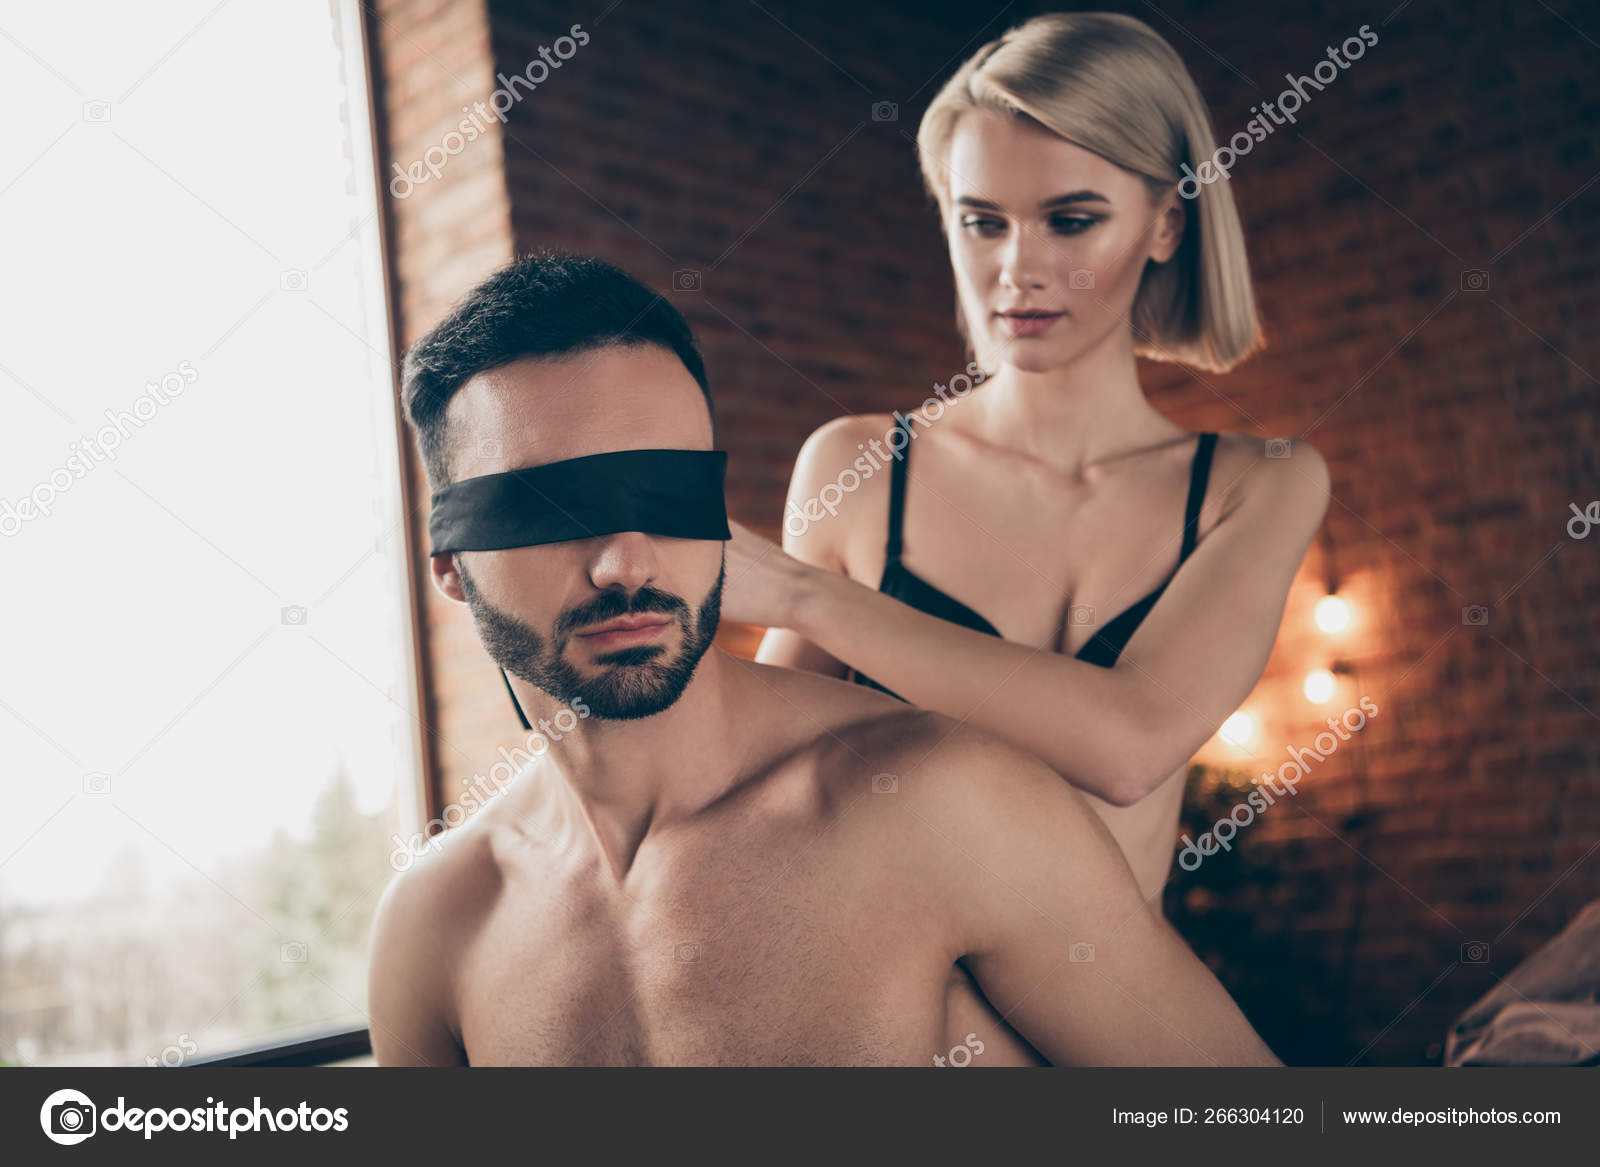 xxx MILF porno obrázky černé xxx webové stránky